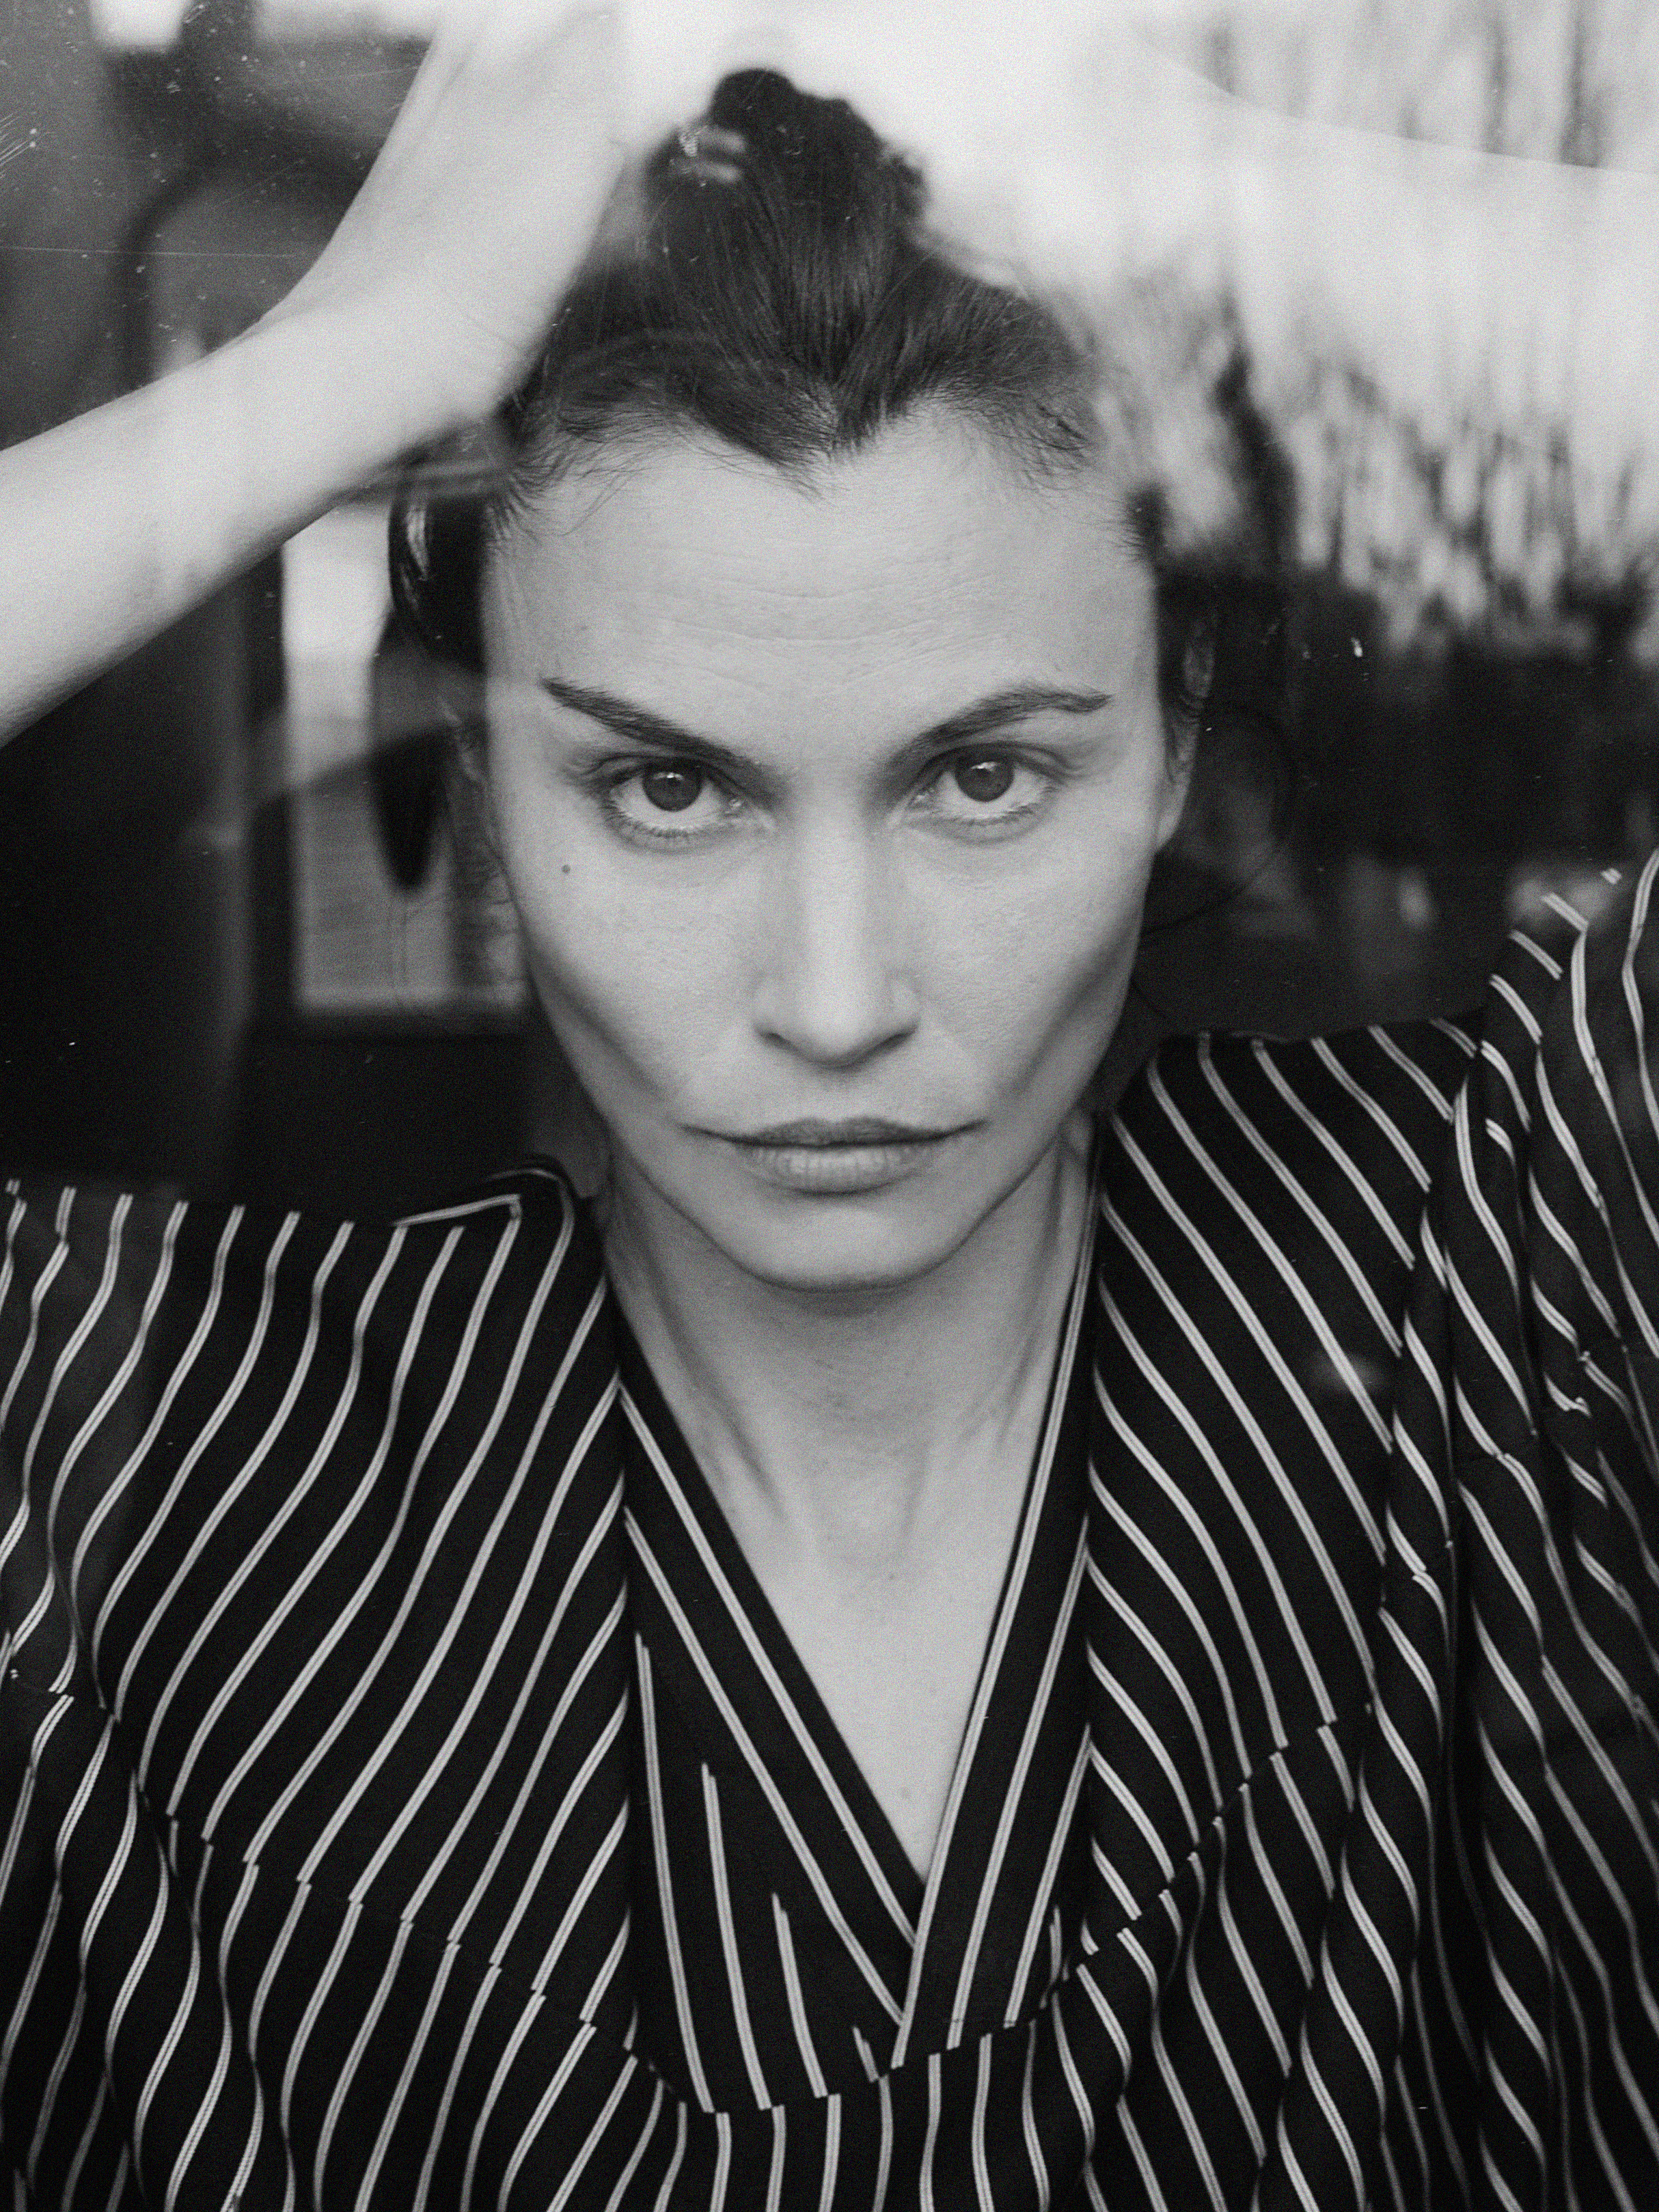 Lisa Loven Kongsli age